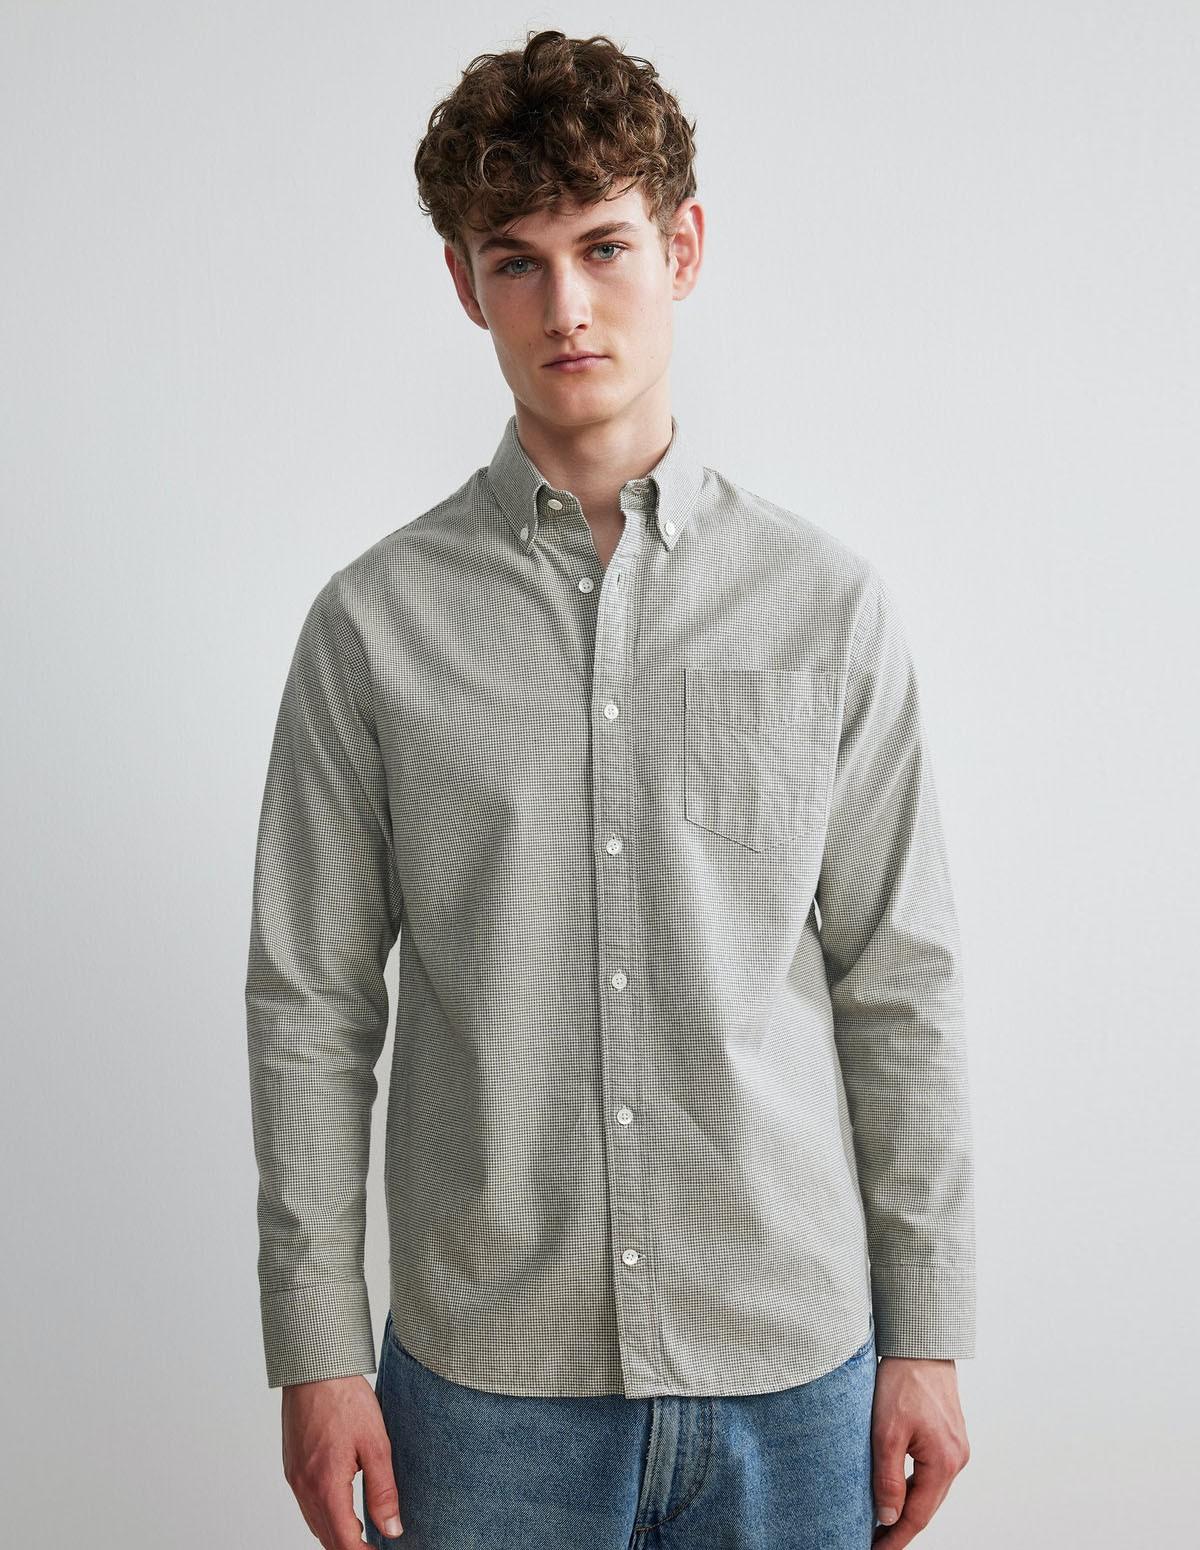 Nn07 Levon 5983 Shirt - 795 GRIS